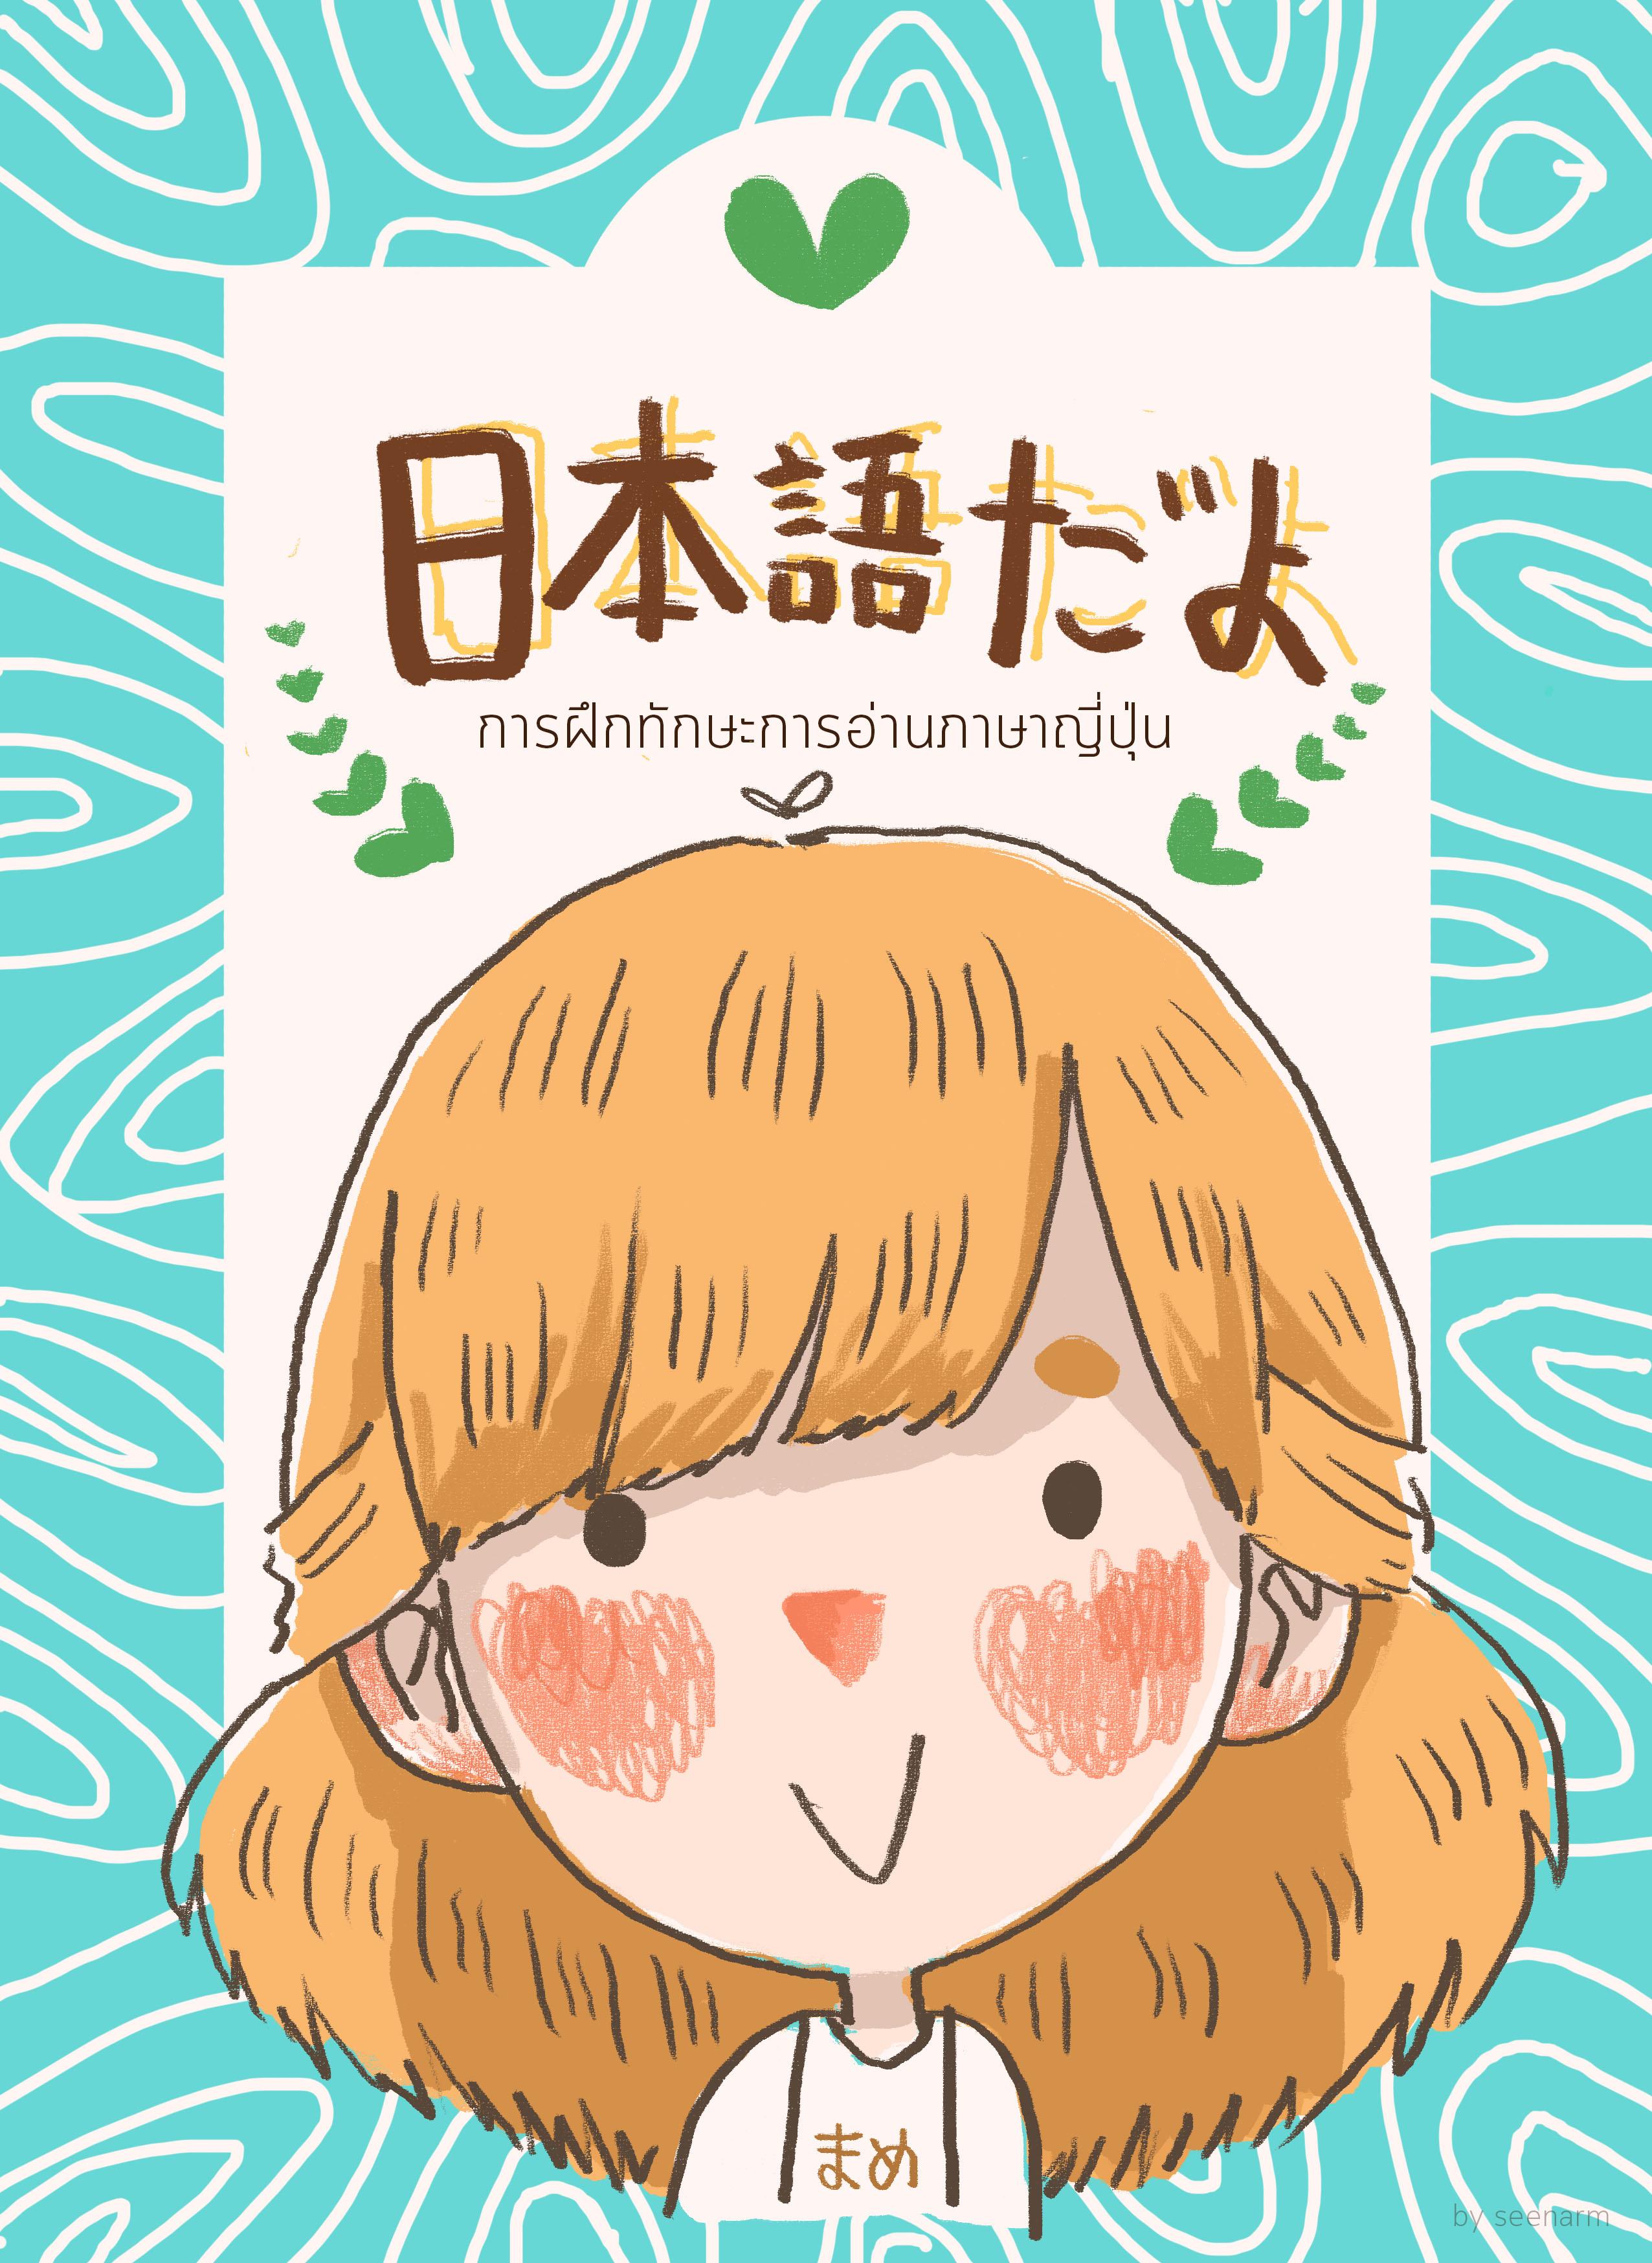 日本語だよ(nihon go dayo) การฝึกทักษะการอ่านภาษาญี่ปุ่น